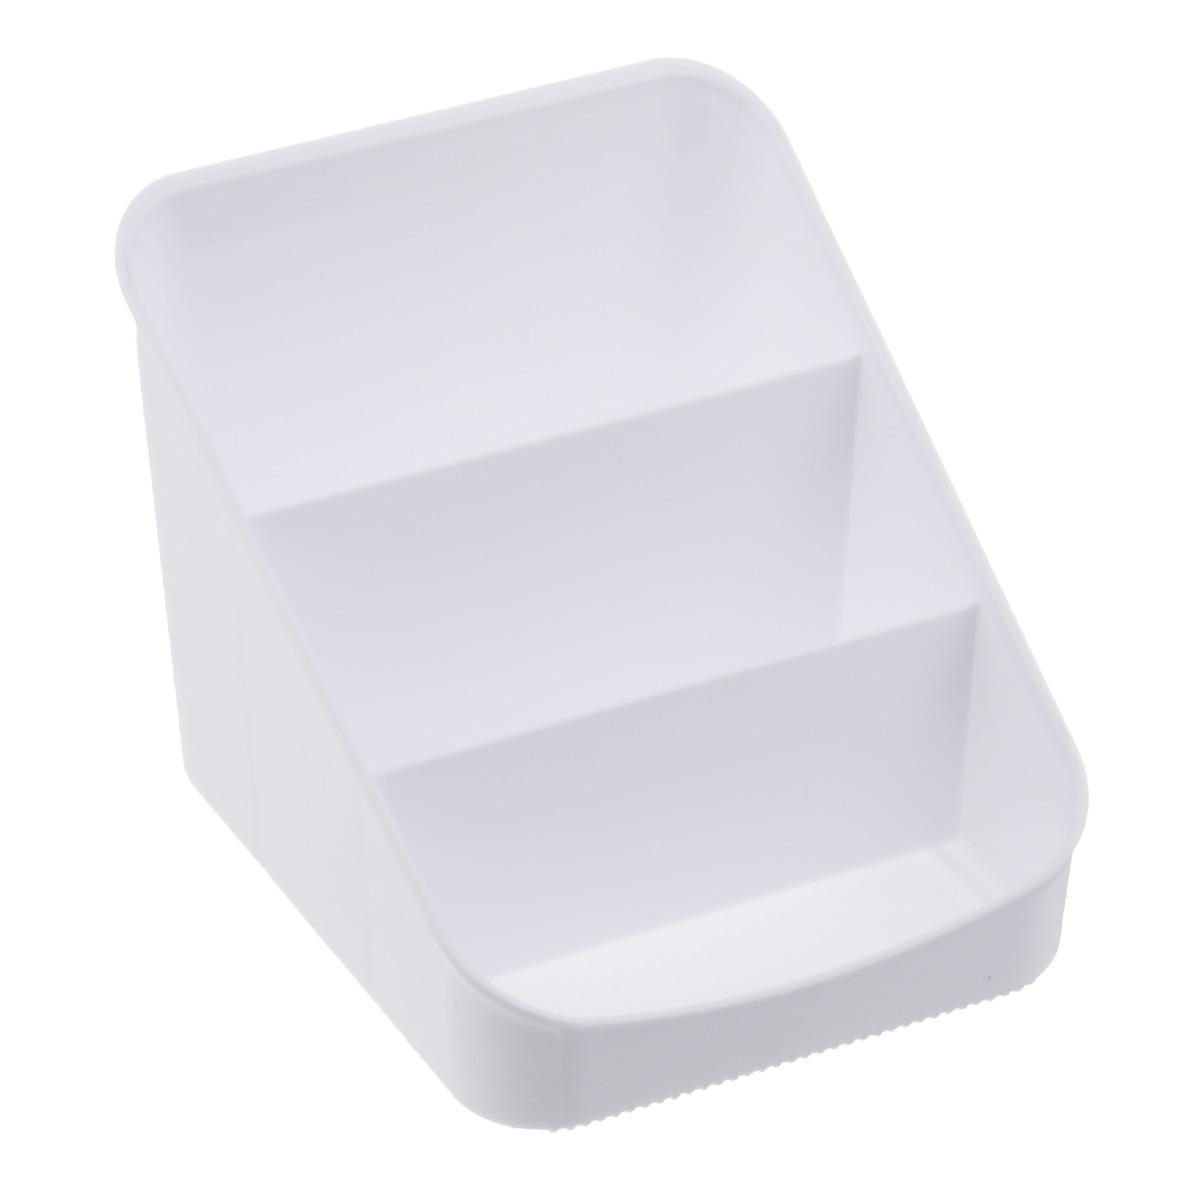 Органайзер для специй Berossi Alt, цвет: белыйFA-5125 WhiteОрганайзер для специй Alt выполнен из прочного пластика и разделен на 3 секции. С ним все ваши специи всегда будут на своем месте.Благодаря своим небольшим размерам изделие удобно впишется в стандартный кухонный шкаф, или разместится на столе. В таком органайзере также удобно хранить канцелярские принадлежности. Замечательный органайзер поможет навести на кухне полный порядок и расставить все по местам.